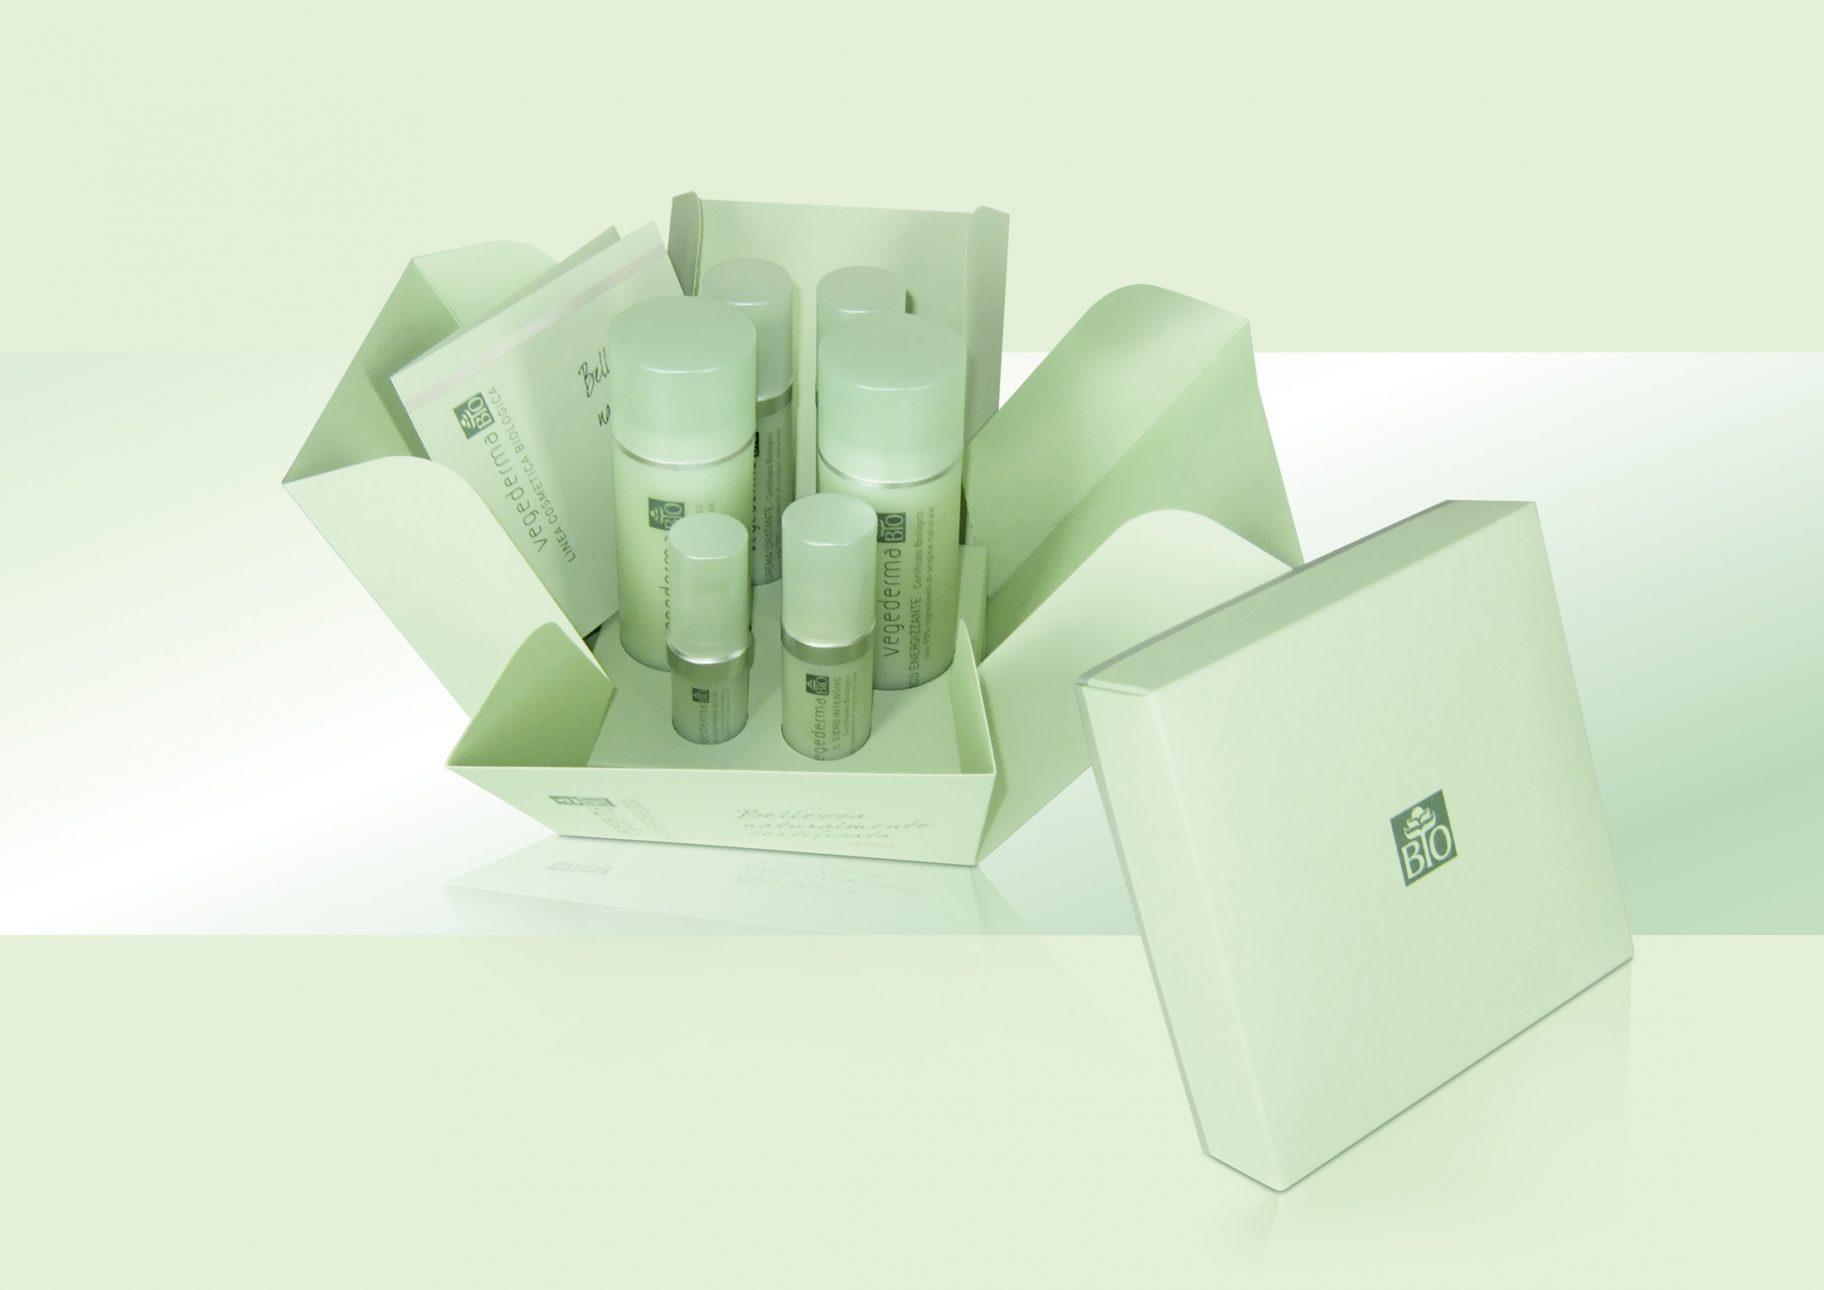 BEAUTIMPORT VegedermaBIO-boxprodotti-packaging